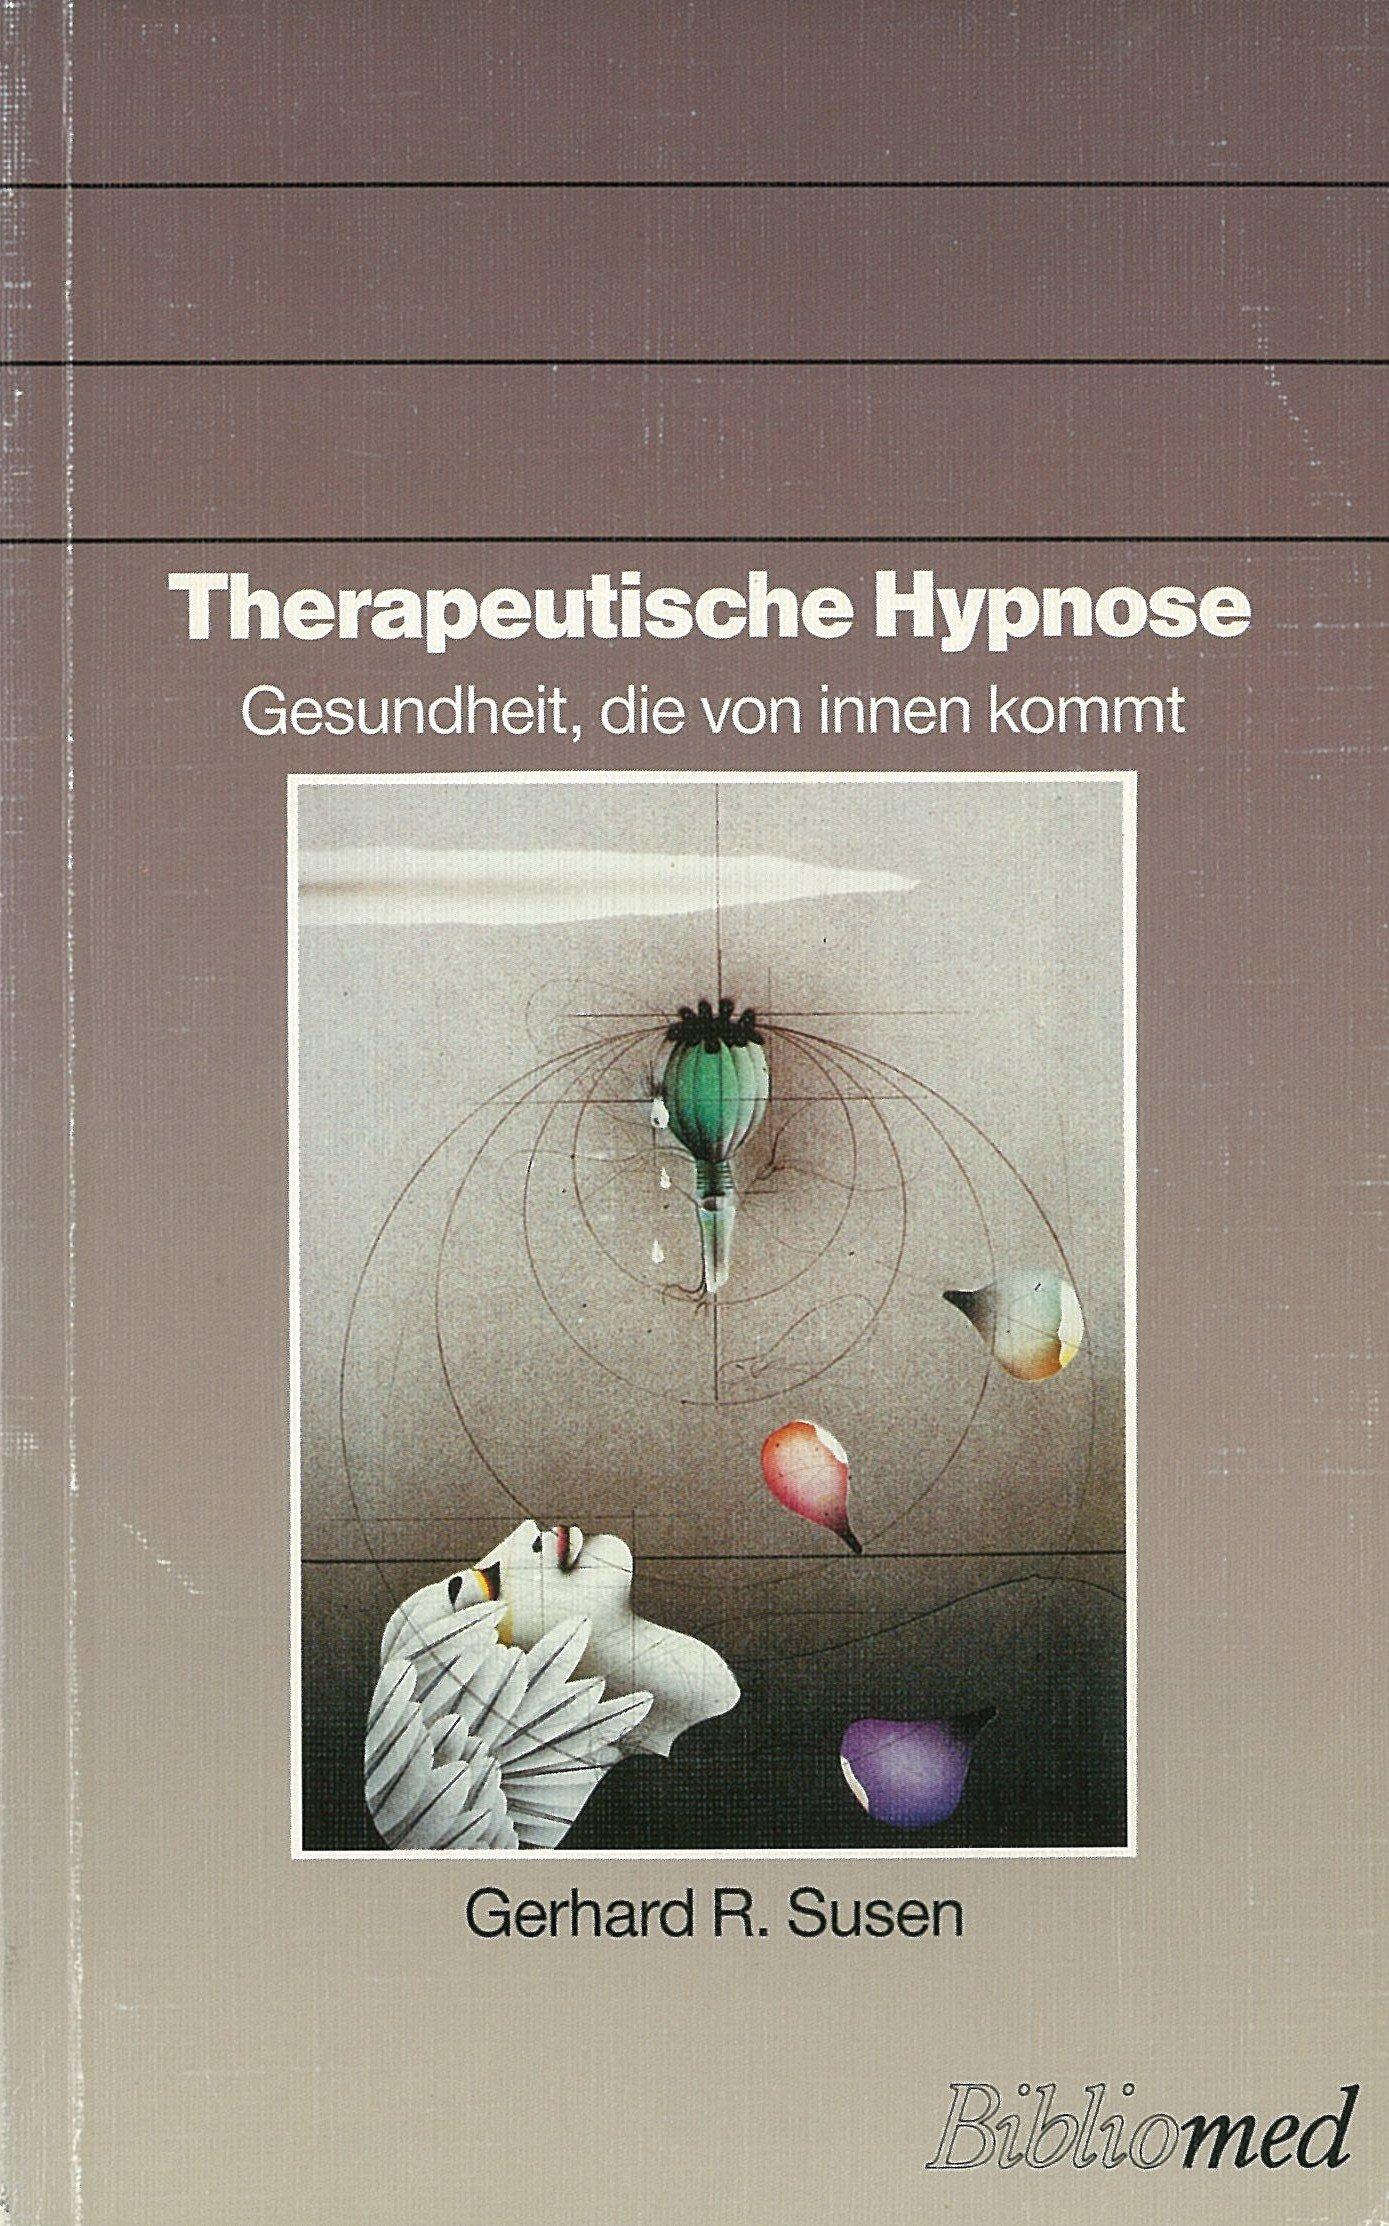 Therapeutische Hypnose: Gesundheit, die von innen kommt